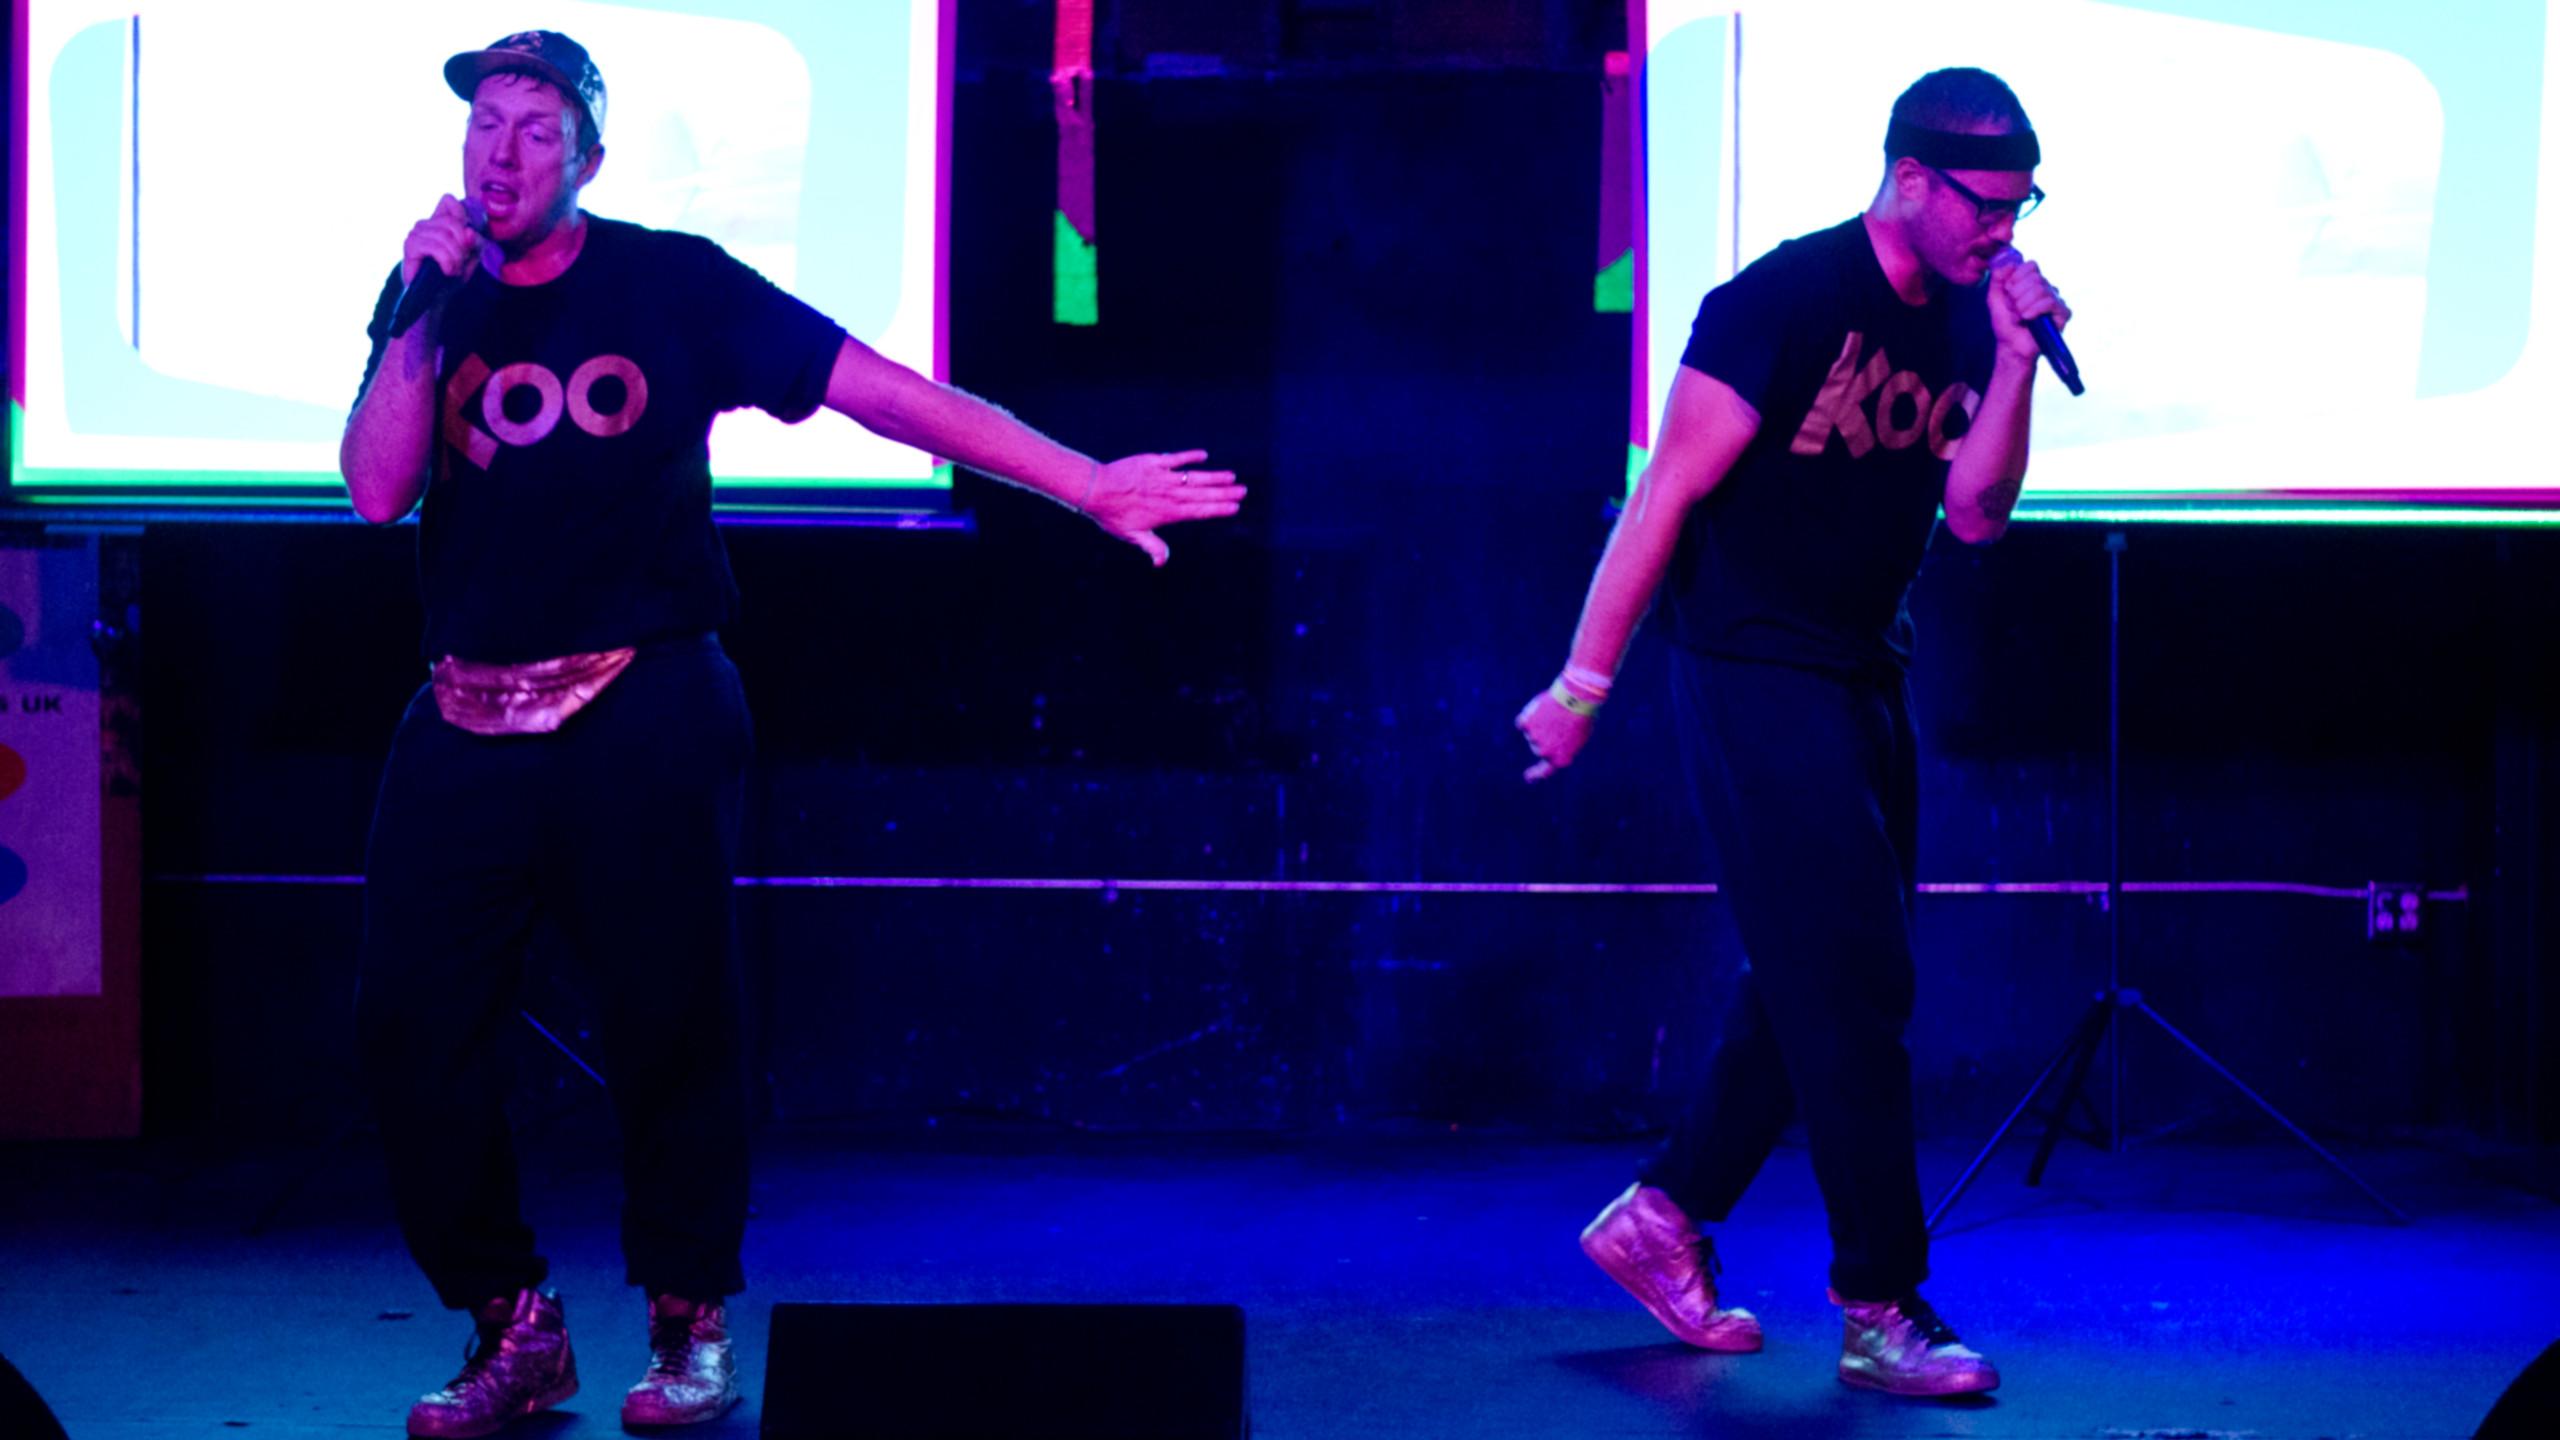 Koo Koo Kanga Roo @ The Dance Cave